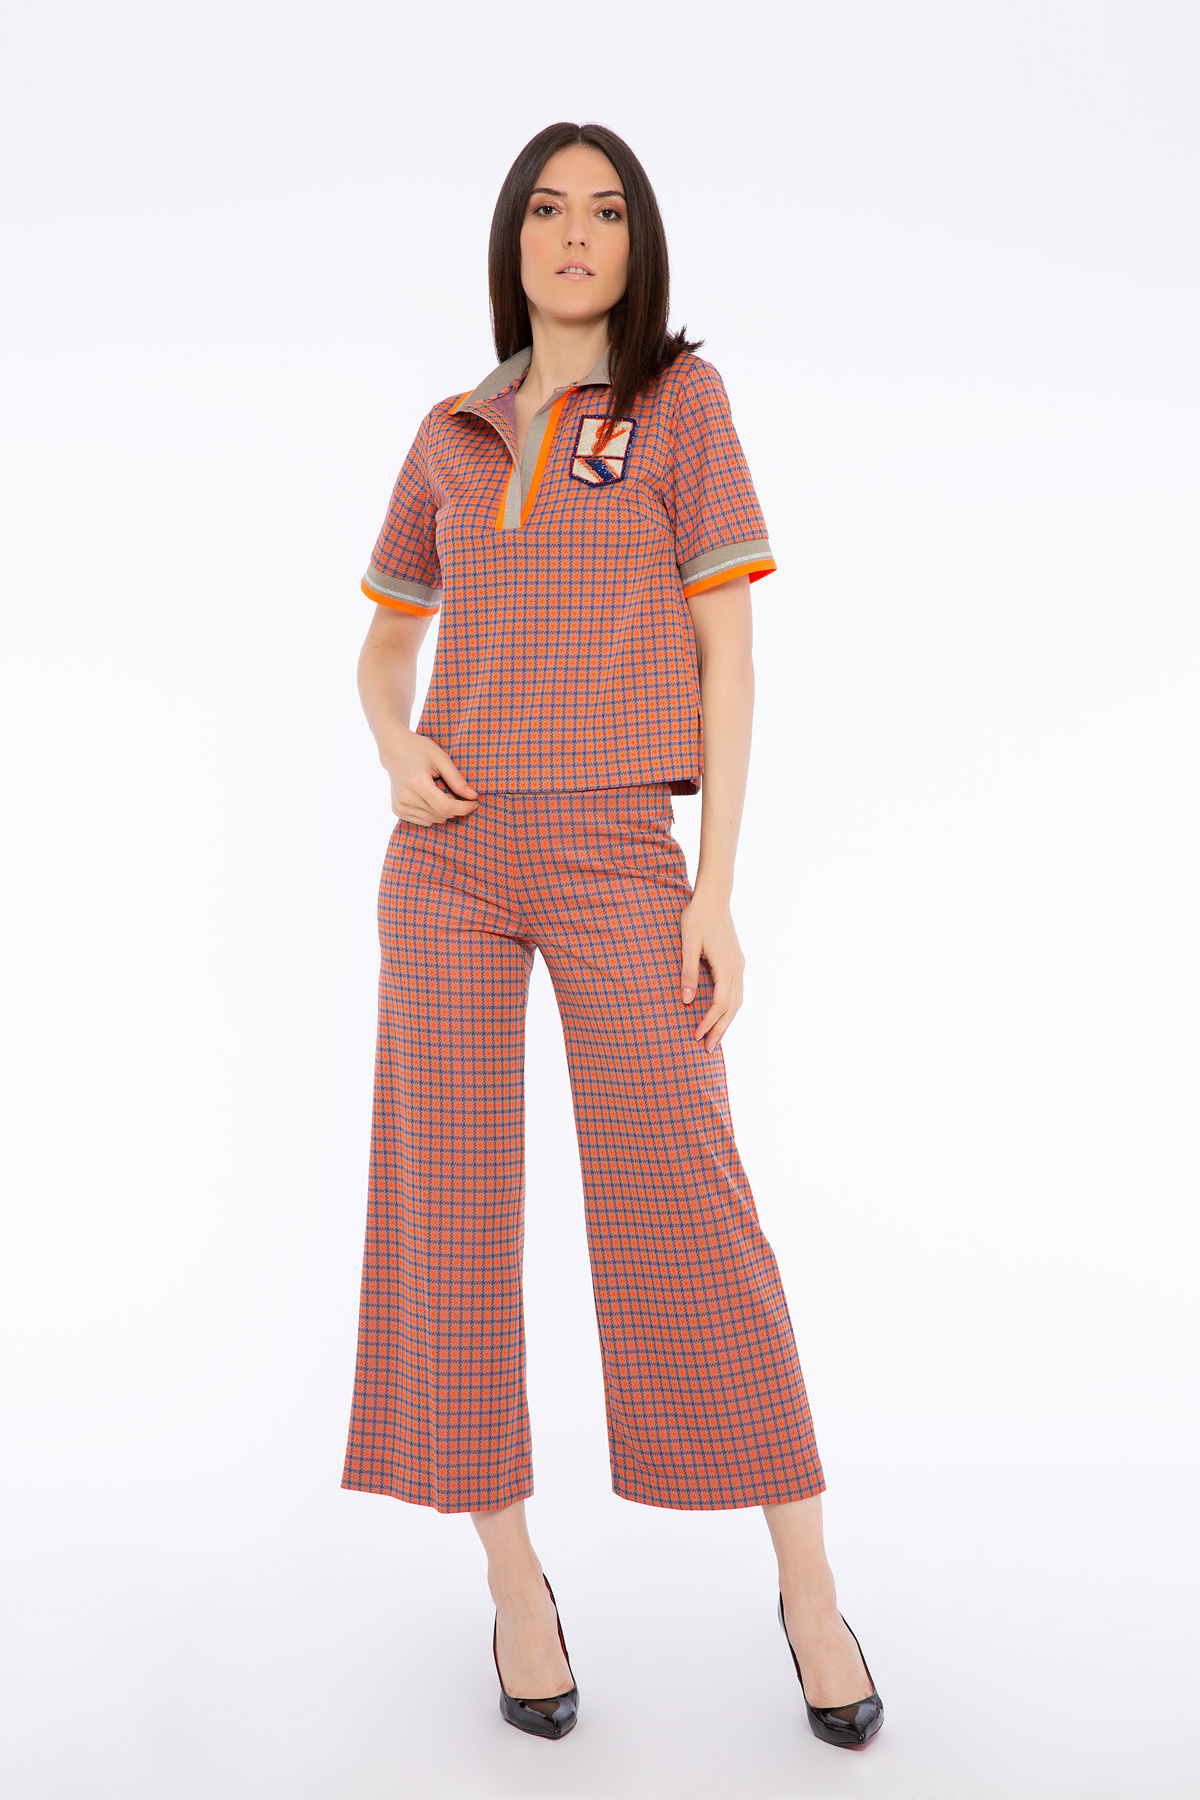 Arma Detaylı Triko Bantlı Örme Turuncu Crop Bluz